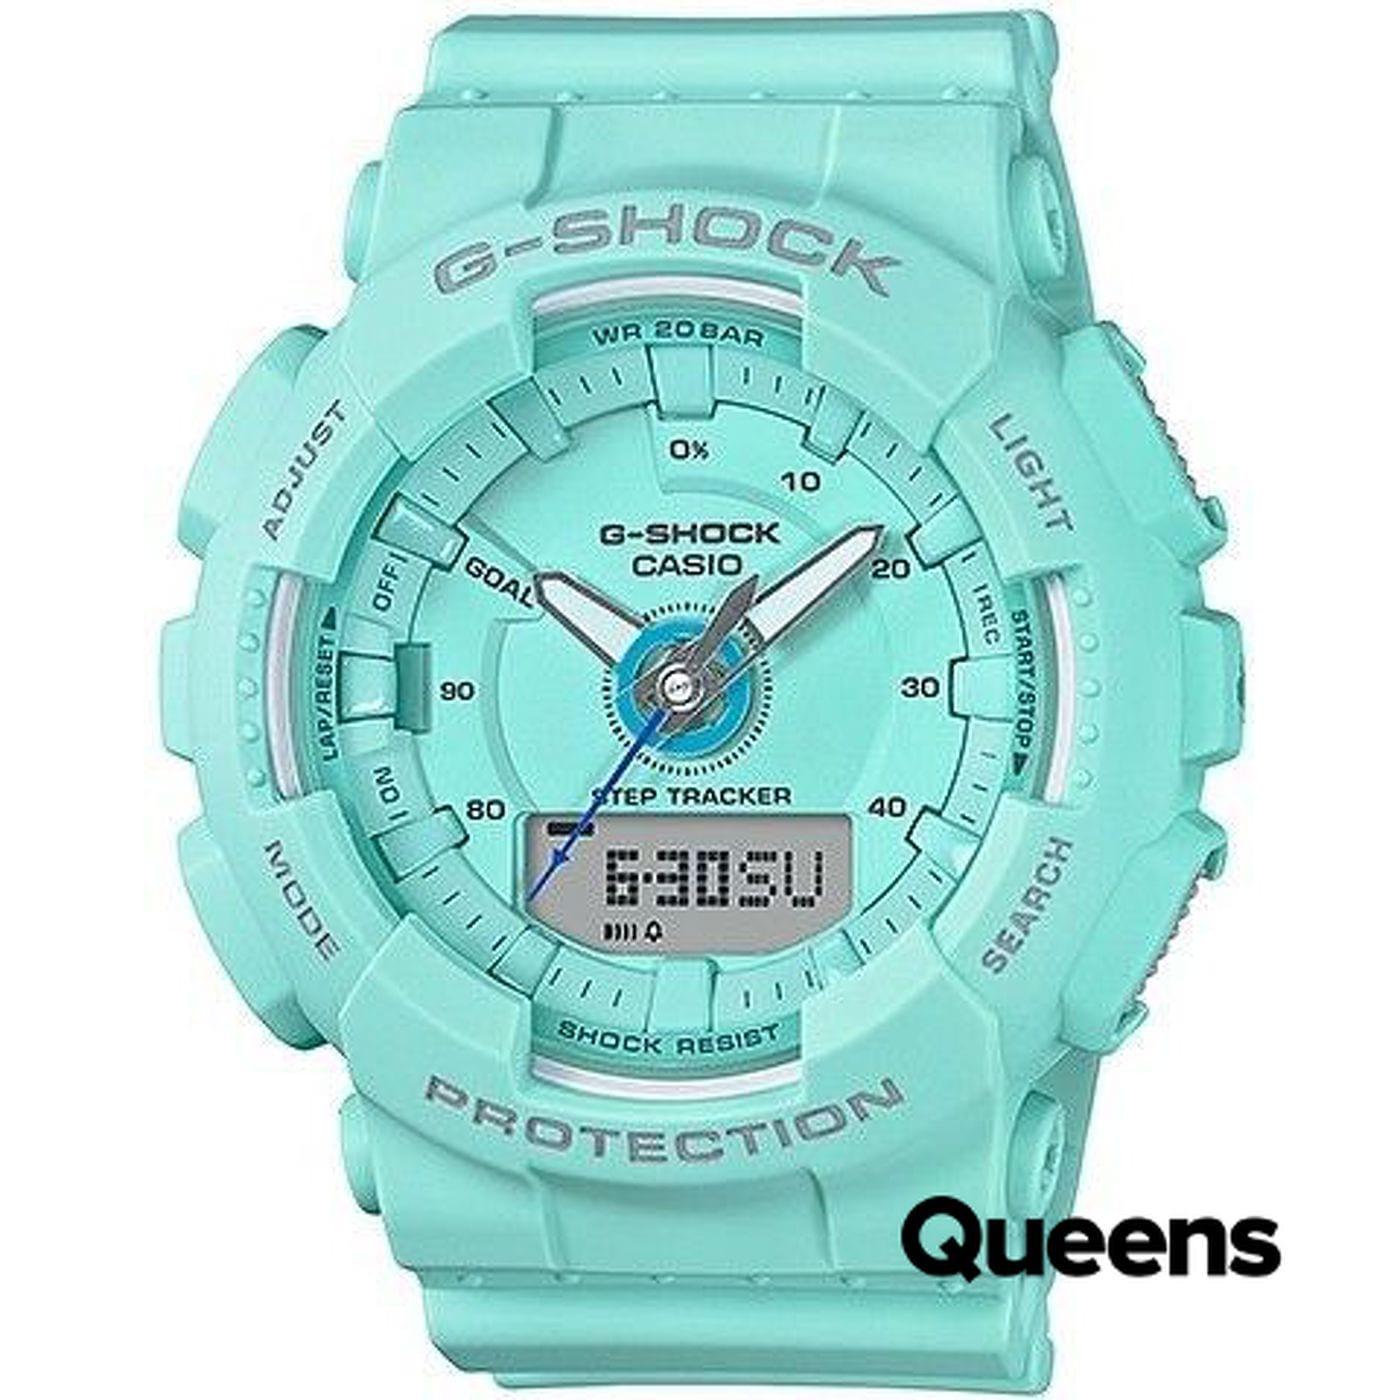 Hodinky Casio G-Shock GMA S130-2AER – Queens 💚 72d31997d61